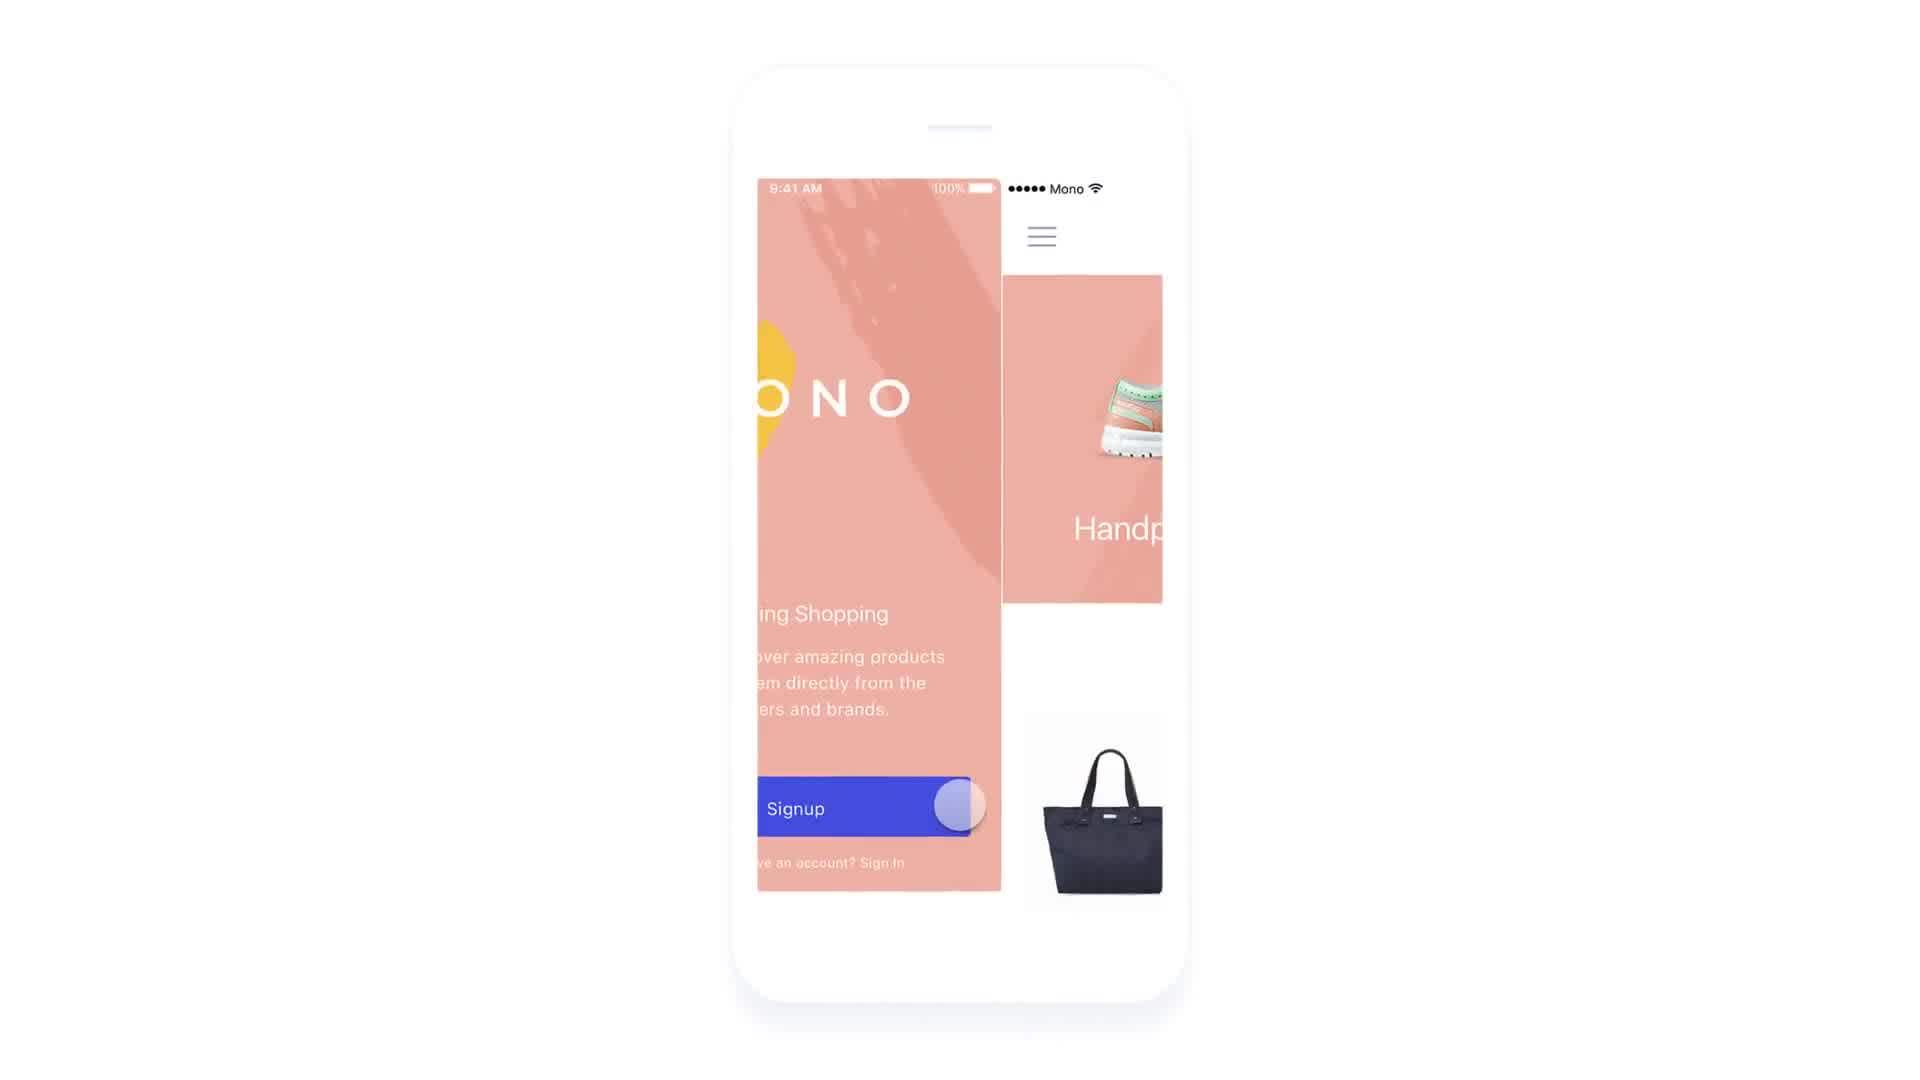 iphone app prototype tool free